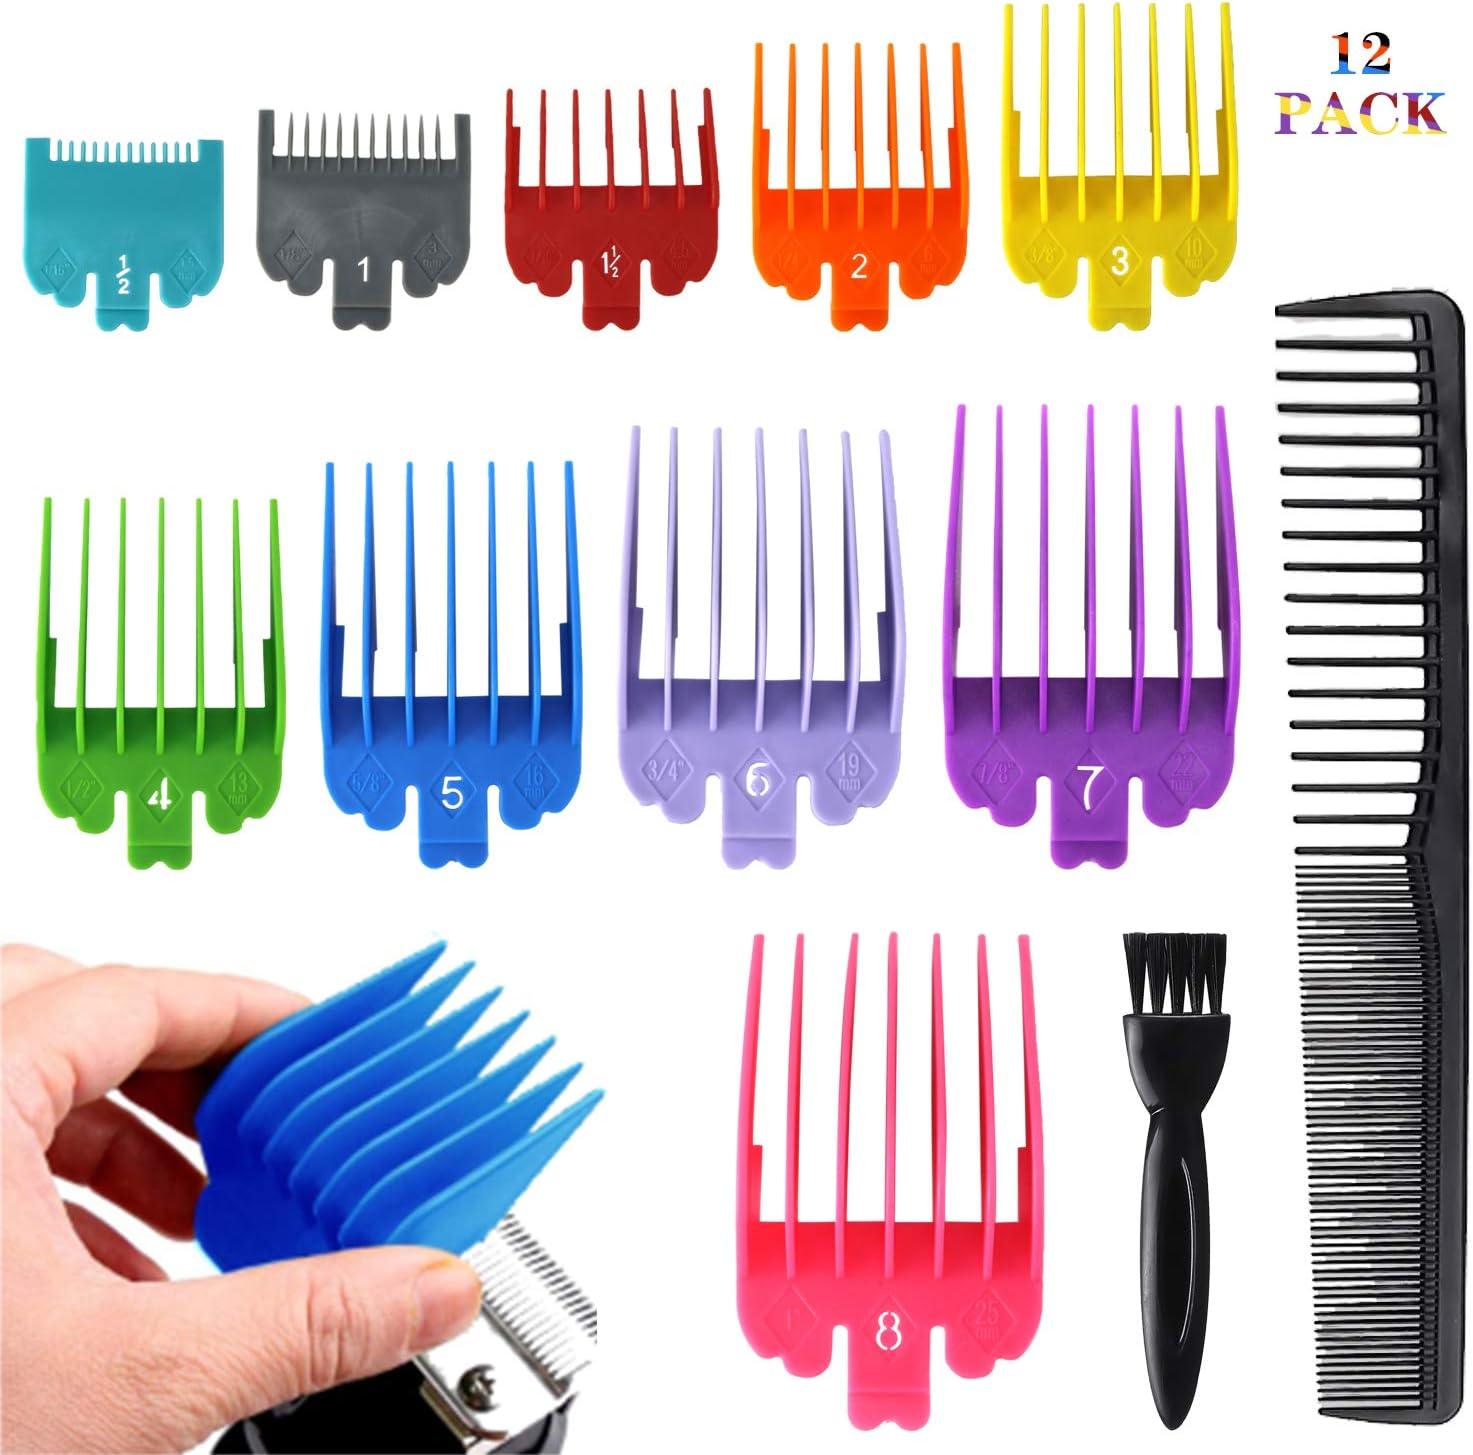 Juego de peines de guía profesional para cortapelos de pelo, juego de protectores de repuesto, 10 colores de 10 longitudes, ideal para cortapelos estándar de 3 mm-25 mm.